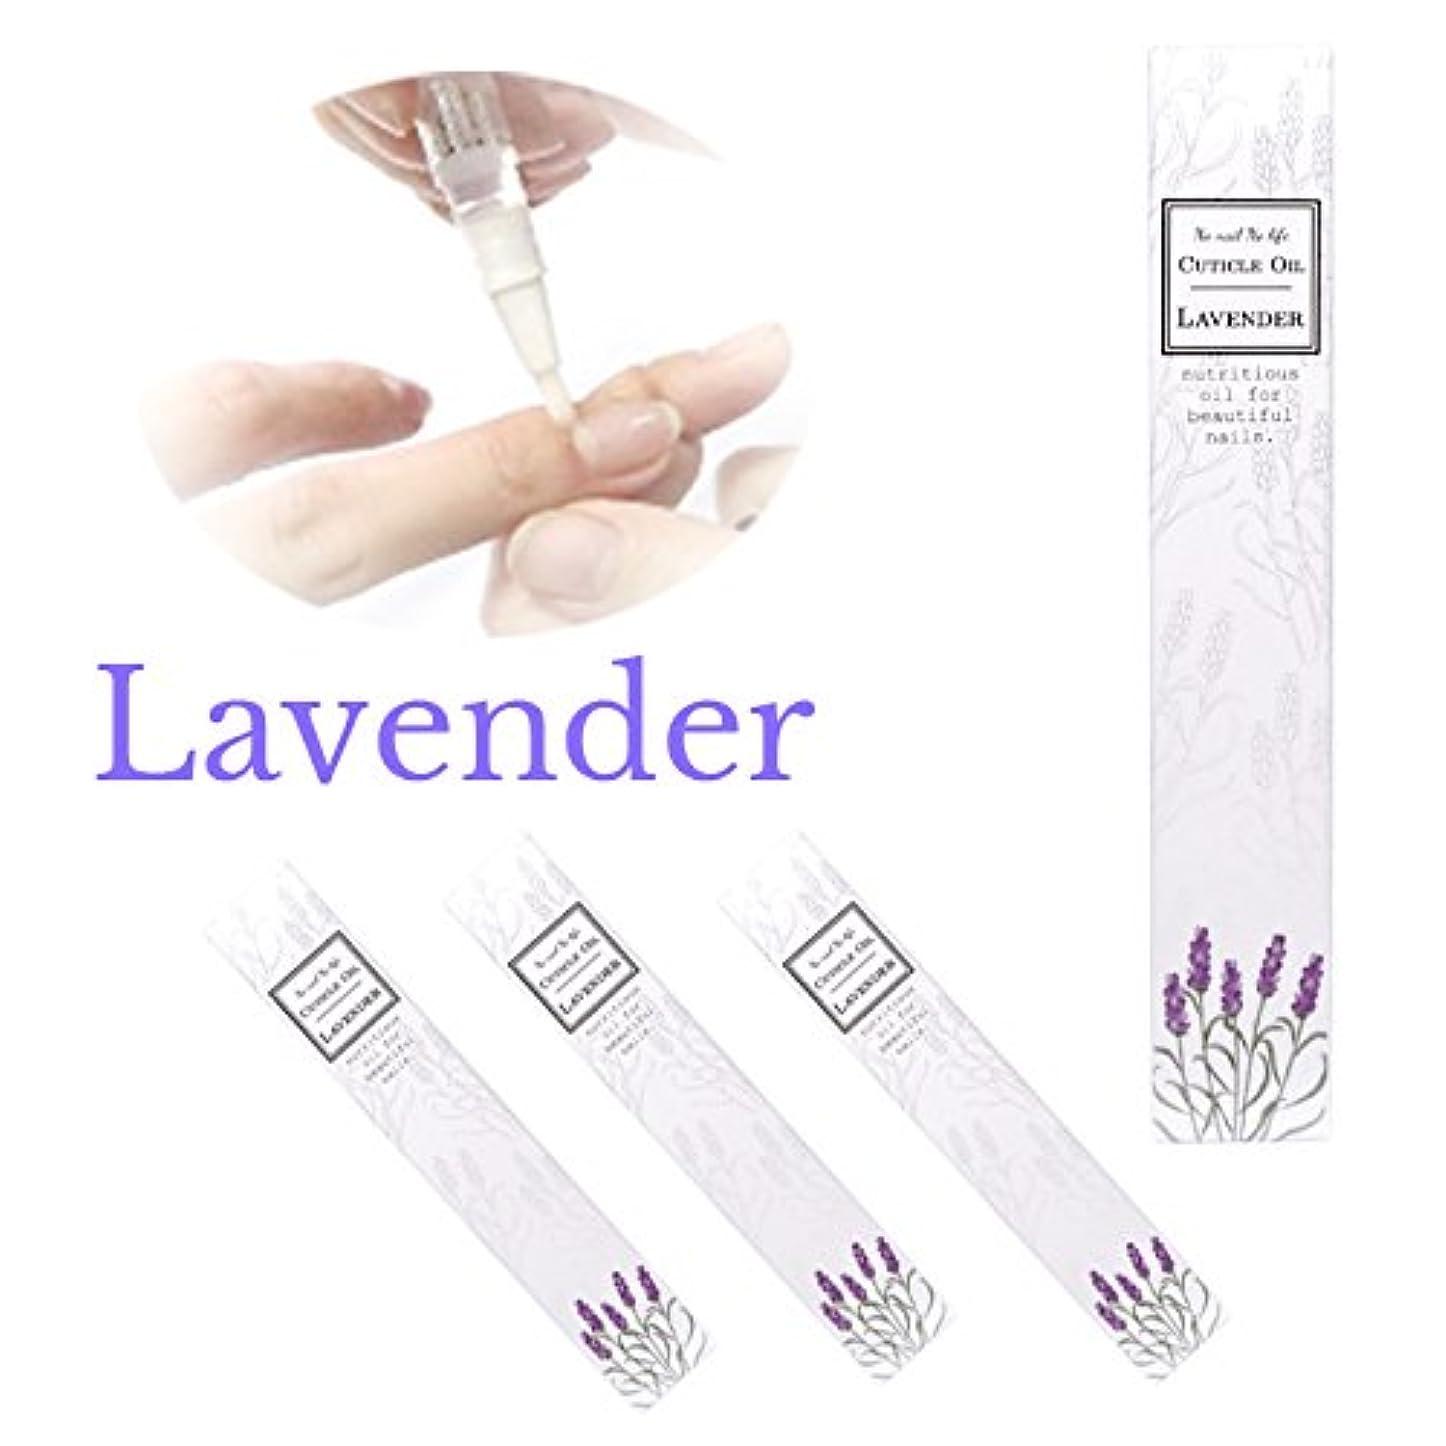 織る快適お尻ネイルオイル ペンタイプ 改良型 ラベンダー の香り お得な4本セット 追跡番号付き